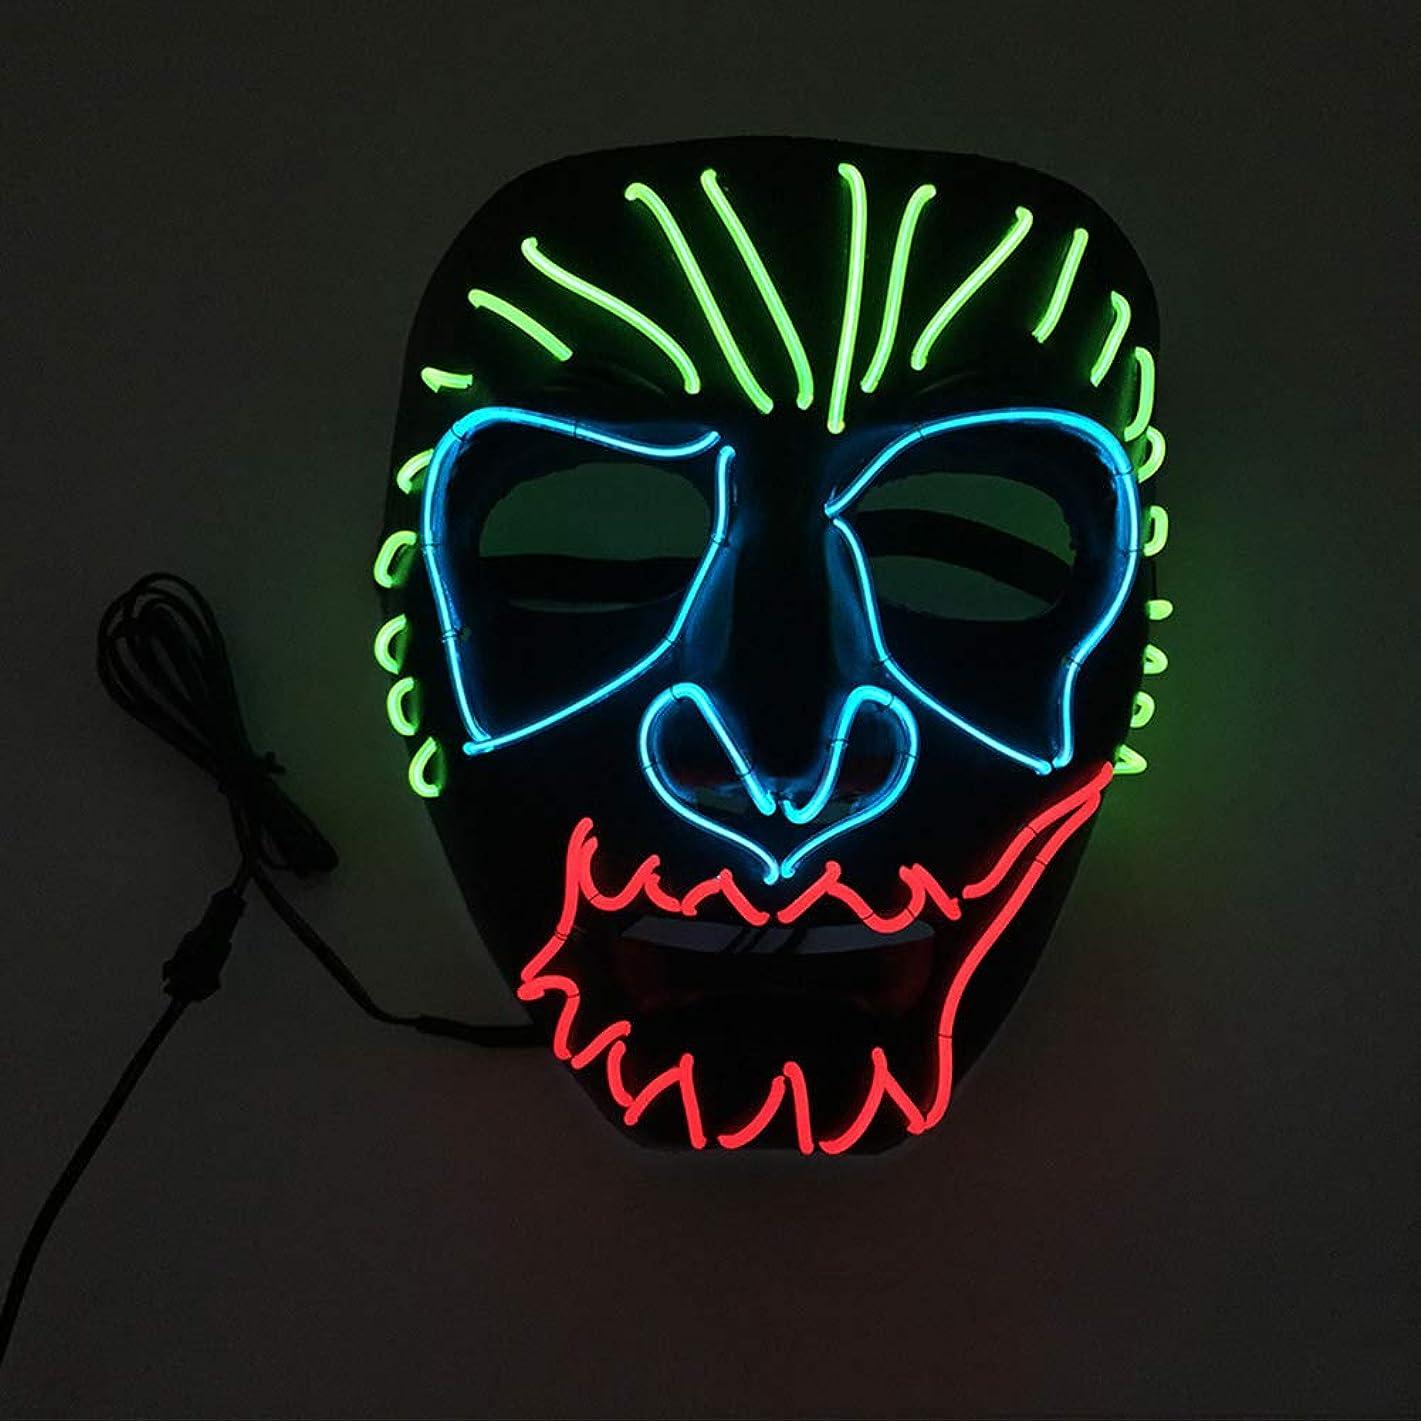 証言超音速読みやすさハロウィン イーグルキング クール テロ LED マスク コスプレ 化粧 プロム パーティー イルミネーション マスク (18×18Cm) MAG.AL